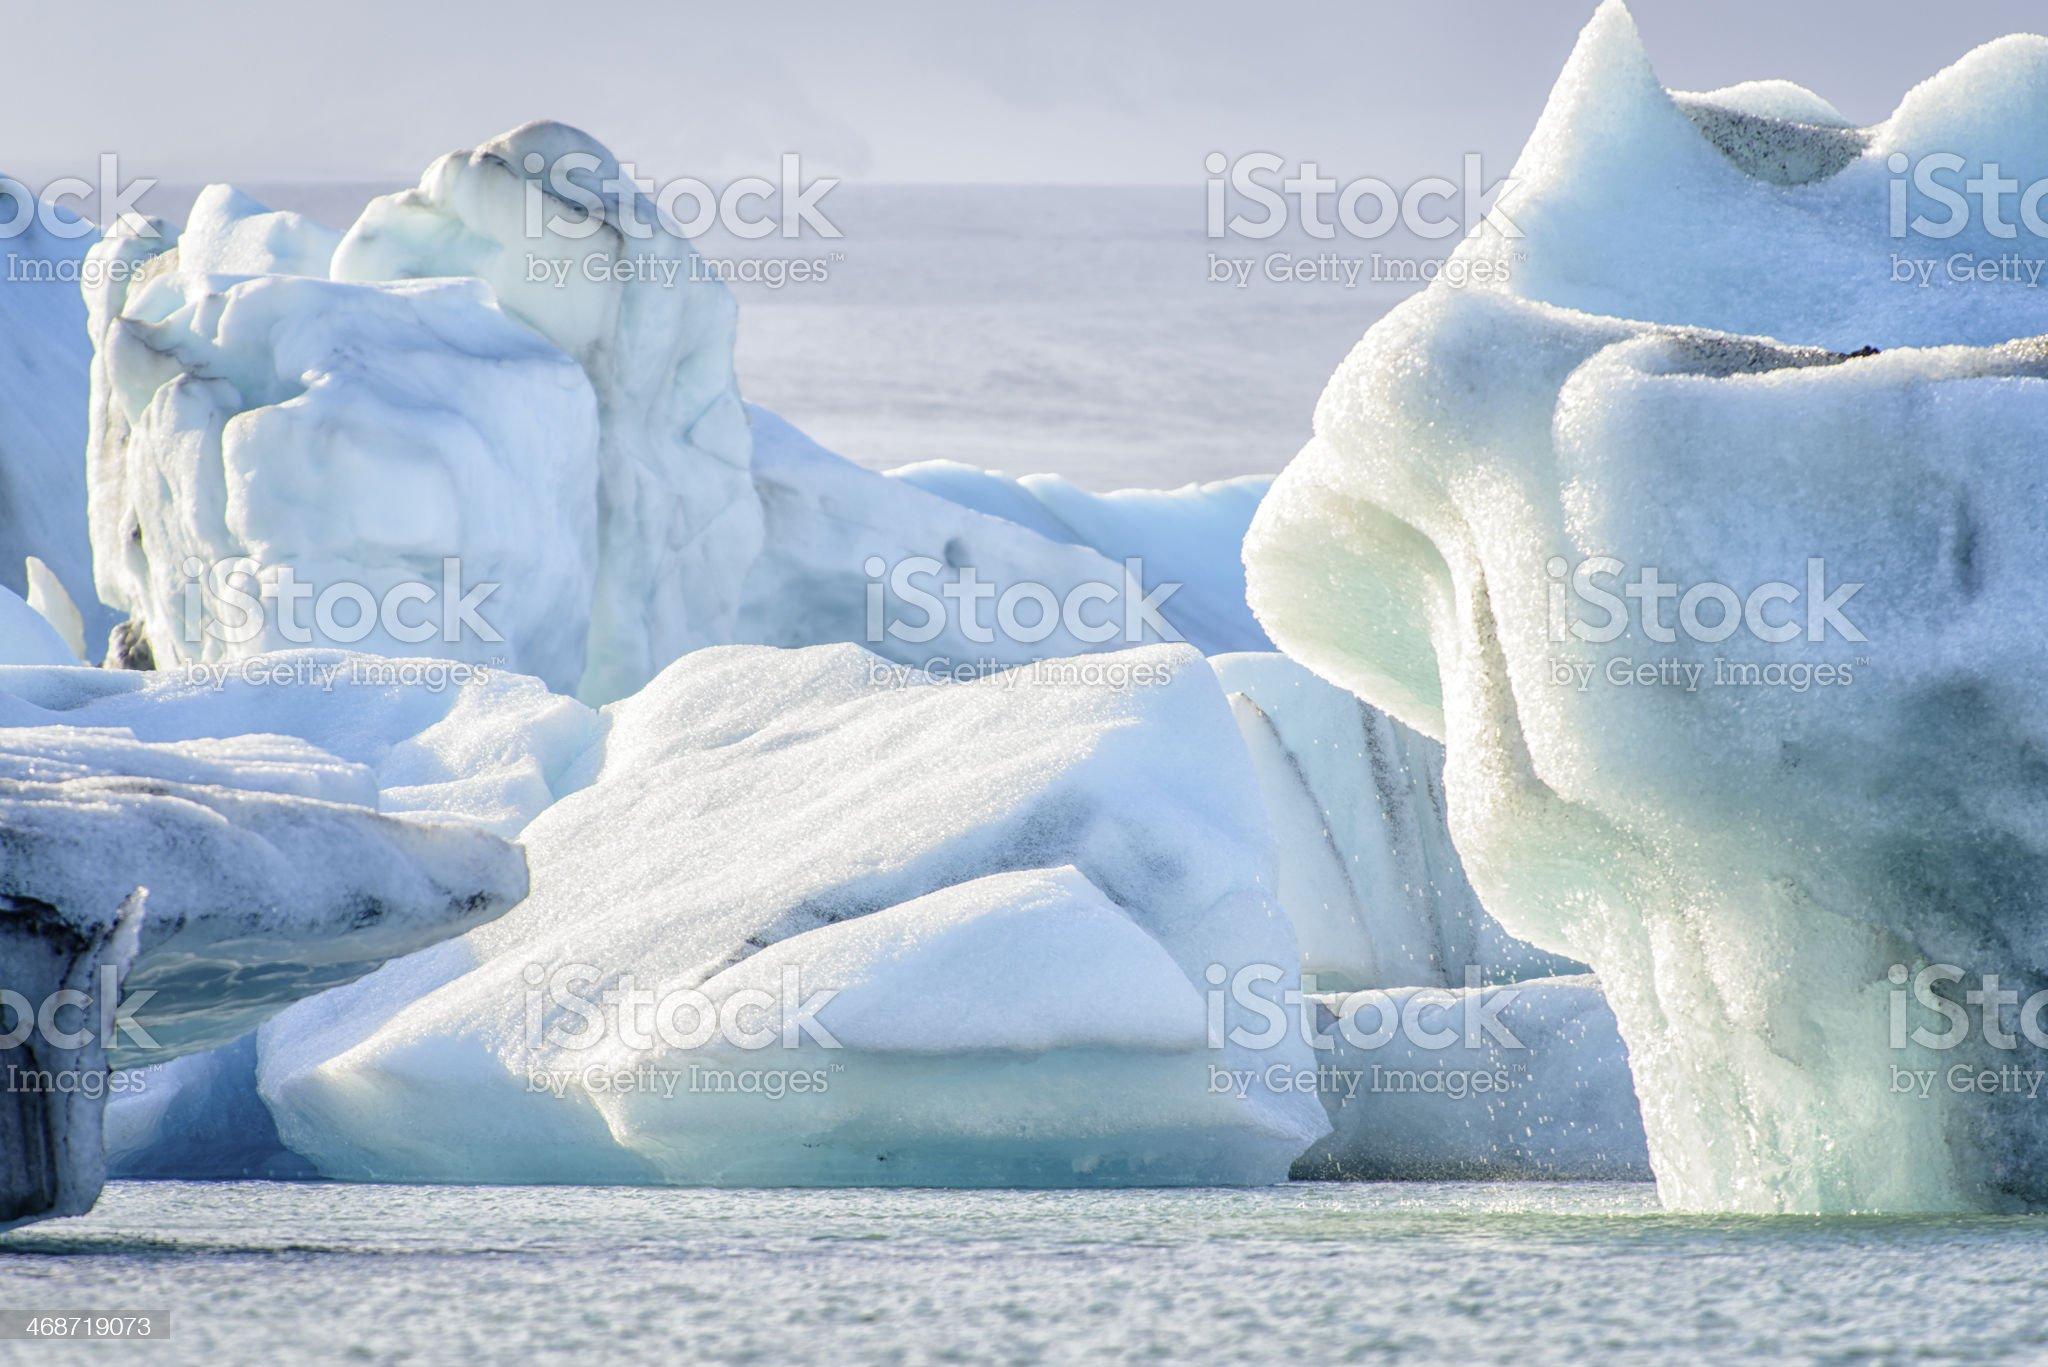 Melting Icebergs royalty-free stock photo